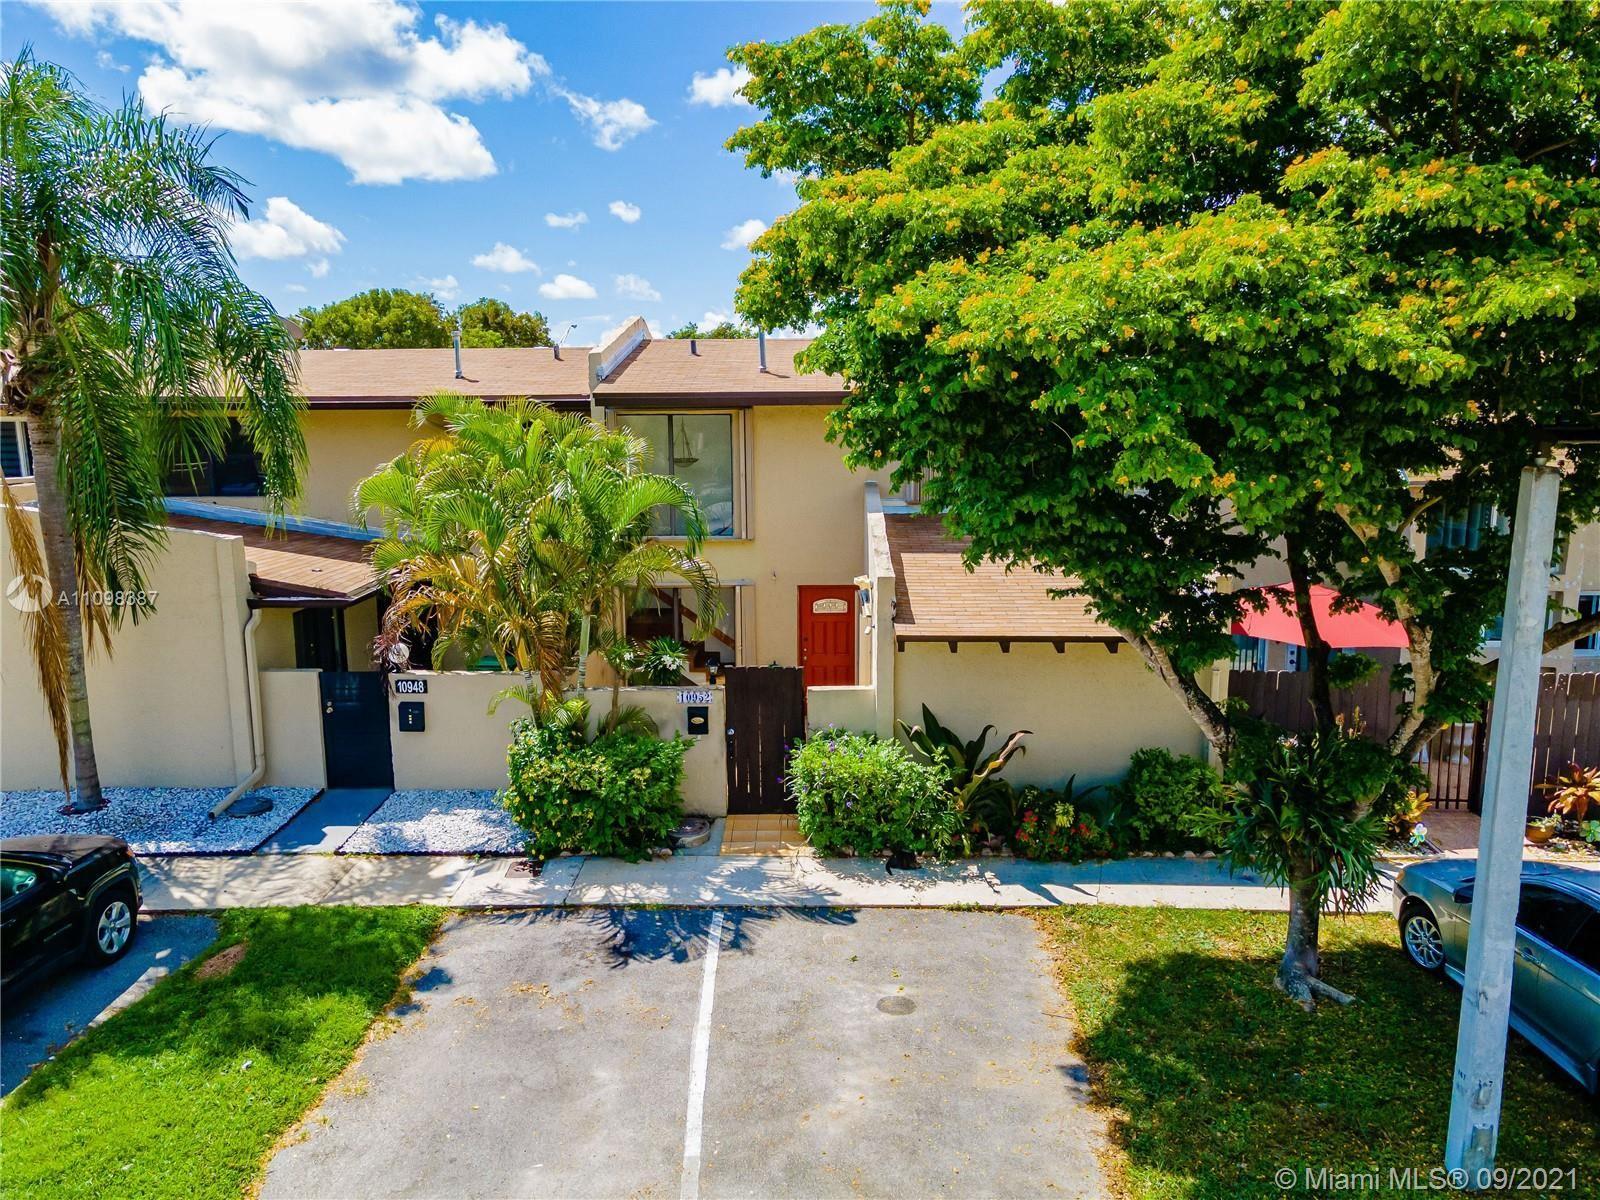 10952 SW 71st St, Miami, FL 33173 - #: A11098387